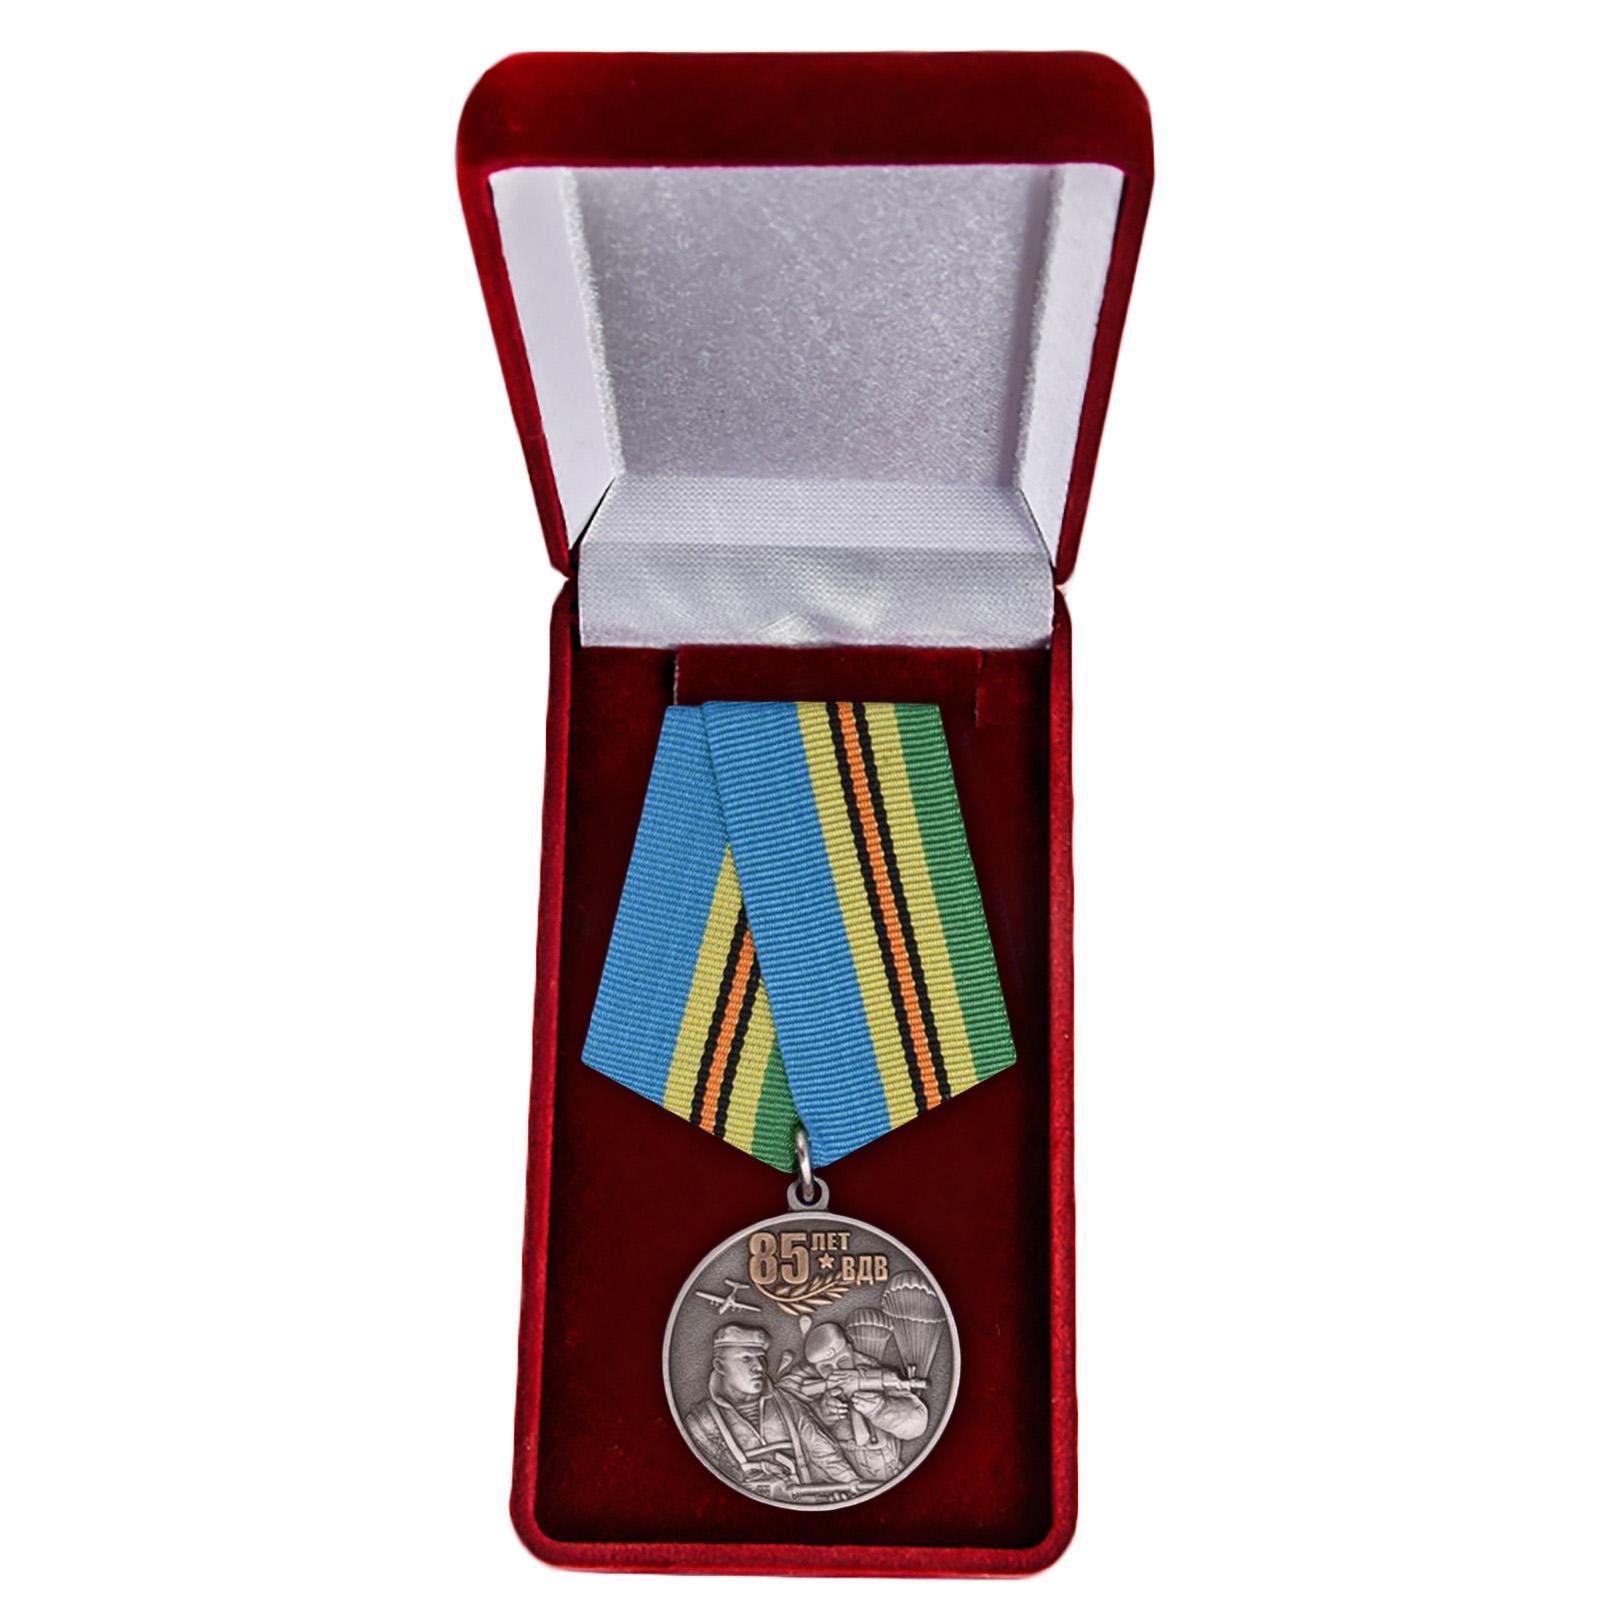 Юбилейная медаль Воздушно-десантных войск - в футляре